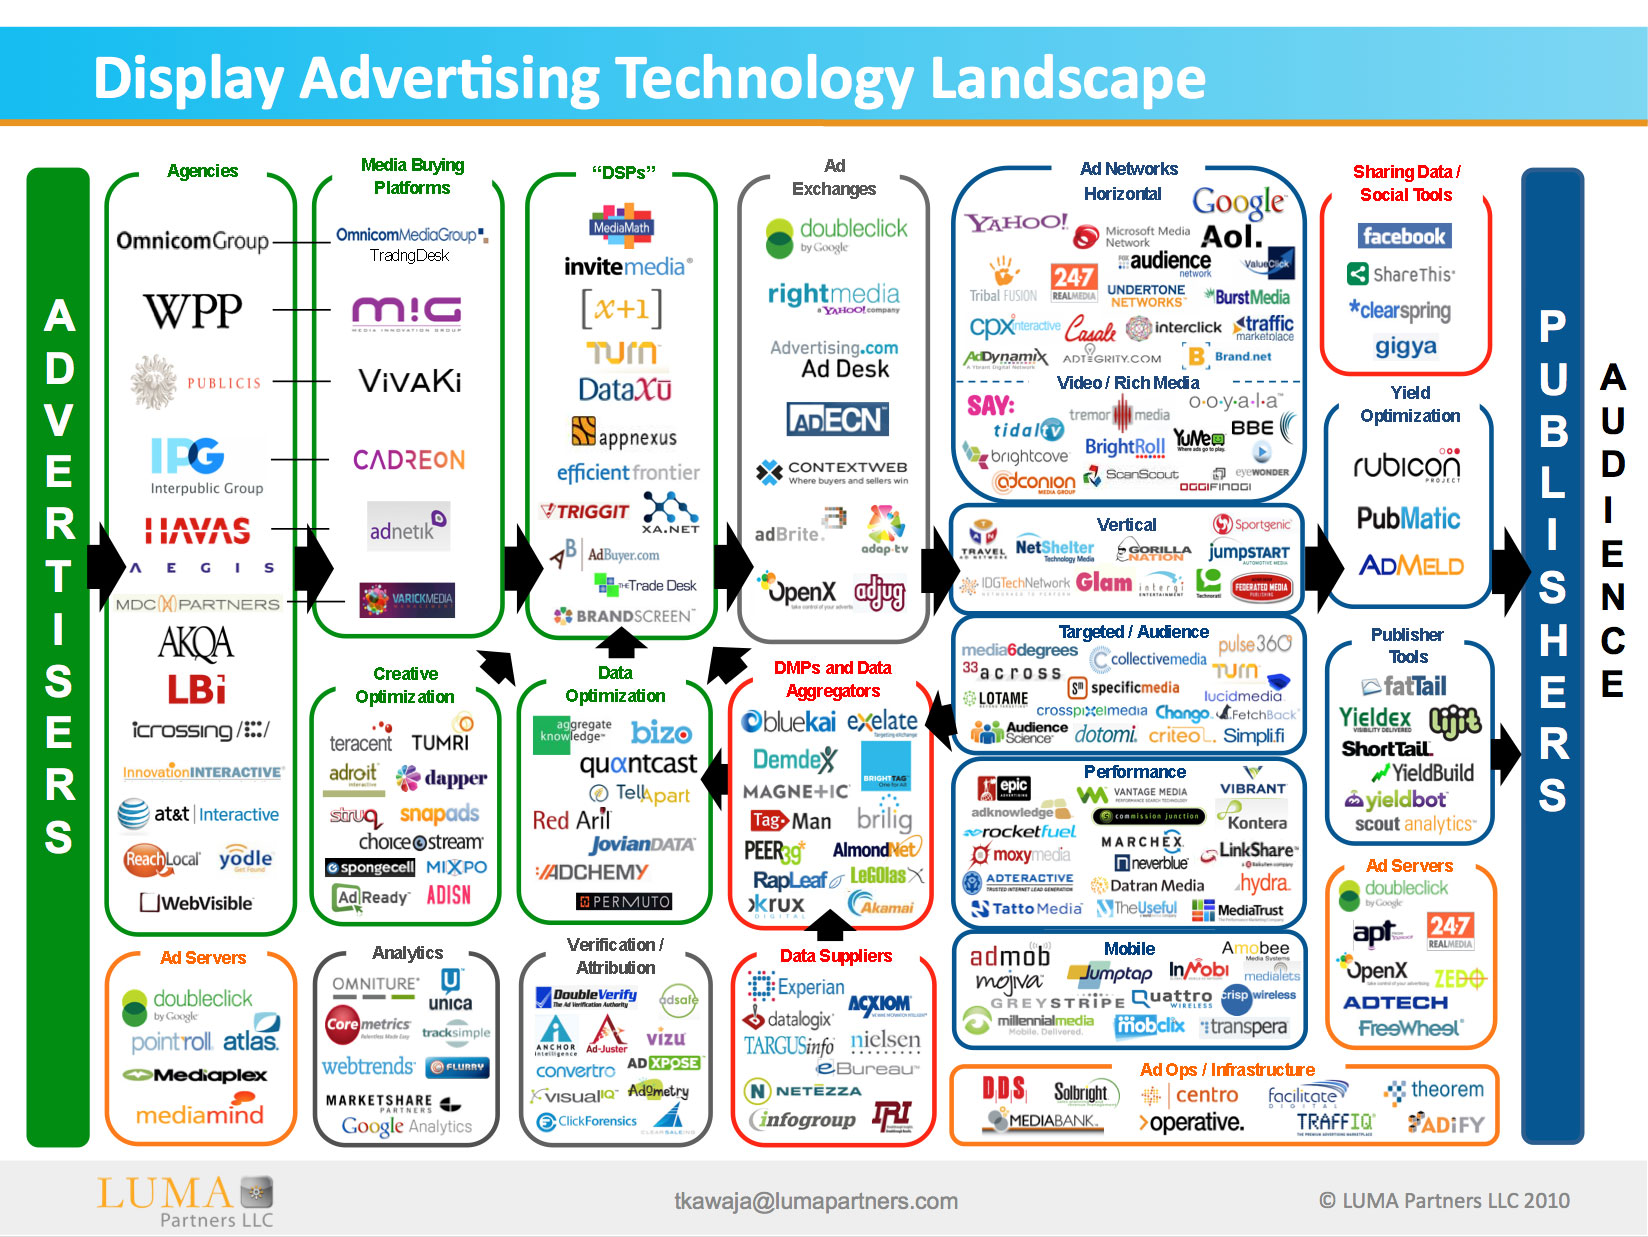 글로벌 애드테크 현황. 출처: adexchanger http://adexchanger.com/venture-capital/ecosystem-map-luma-partners-kawaja/